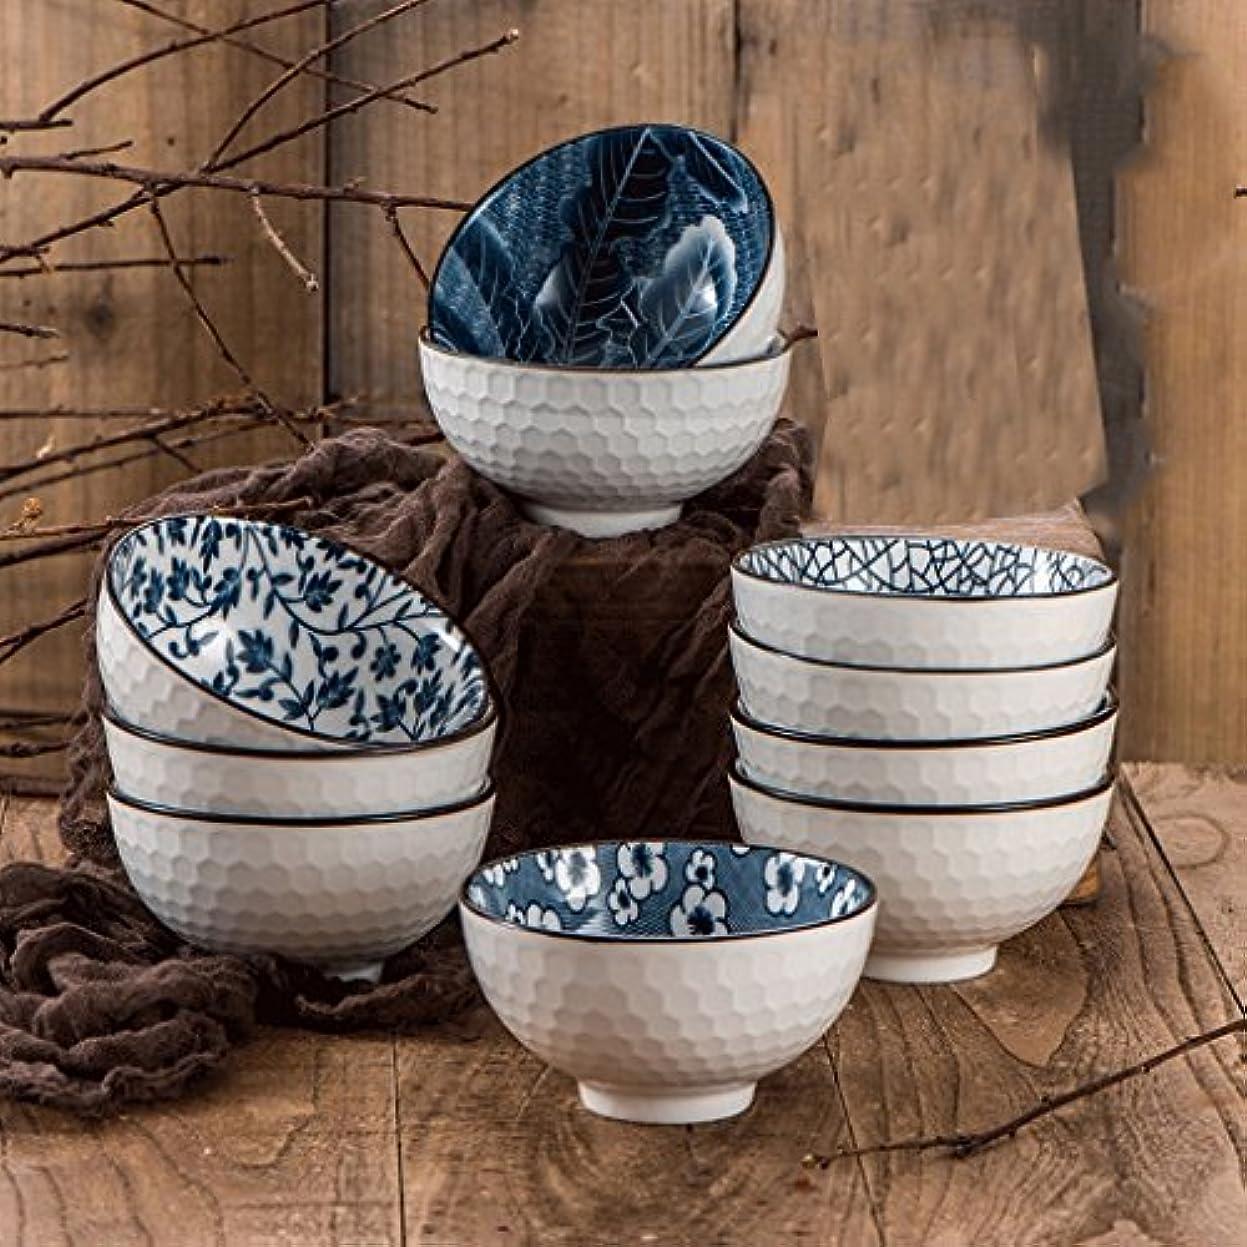 の前で演劇明示的にセラミックボウル 青と白の磁器ボウル、セラミックスーツ日本の家庭の贈り物はロードカトラリー、[2、4、6、10]機器箸でスープを食べます ホーム (サイズ さいず : 10)